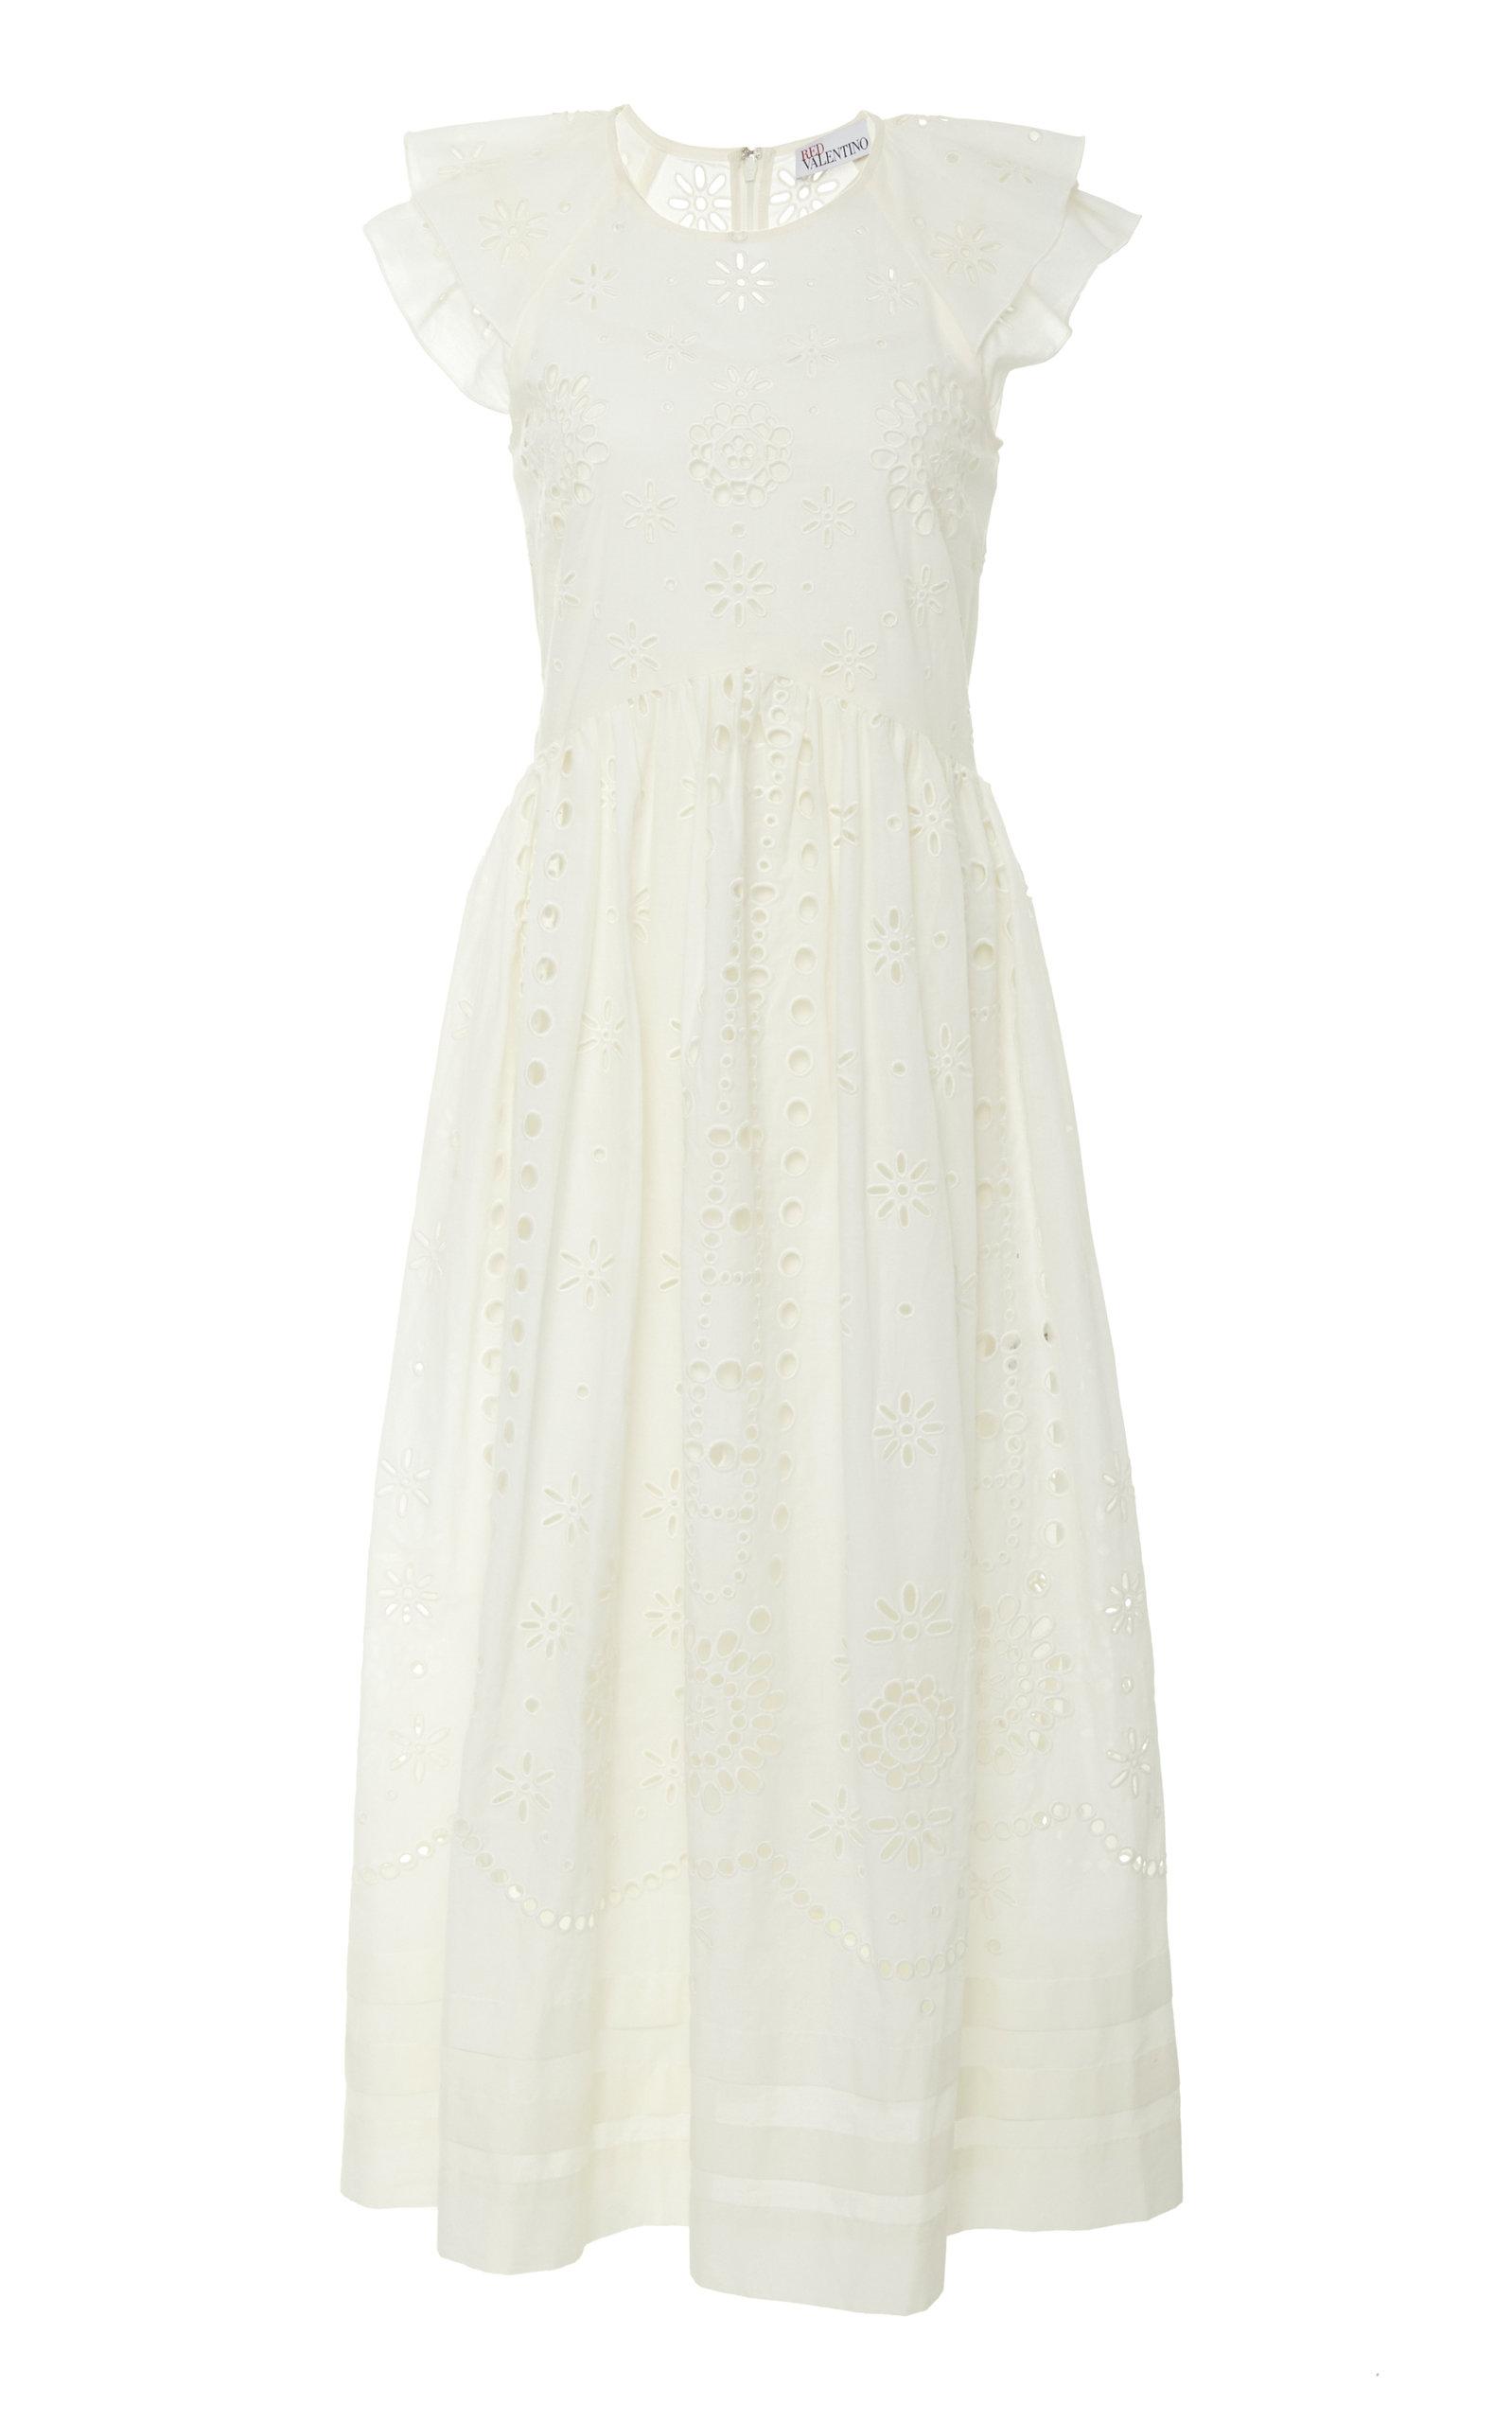 REDVALENTINO | Red Valentino Sangallo Embroidered Cotton Voile Dress | Goxip